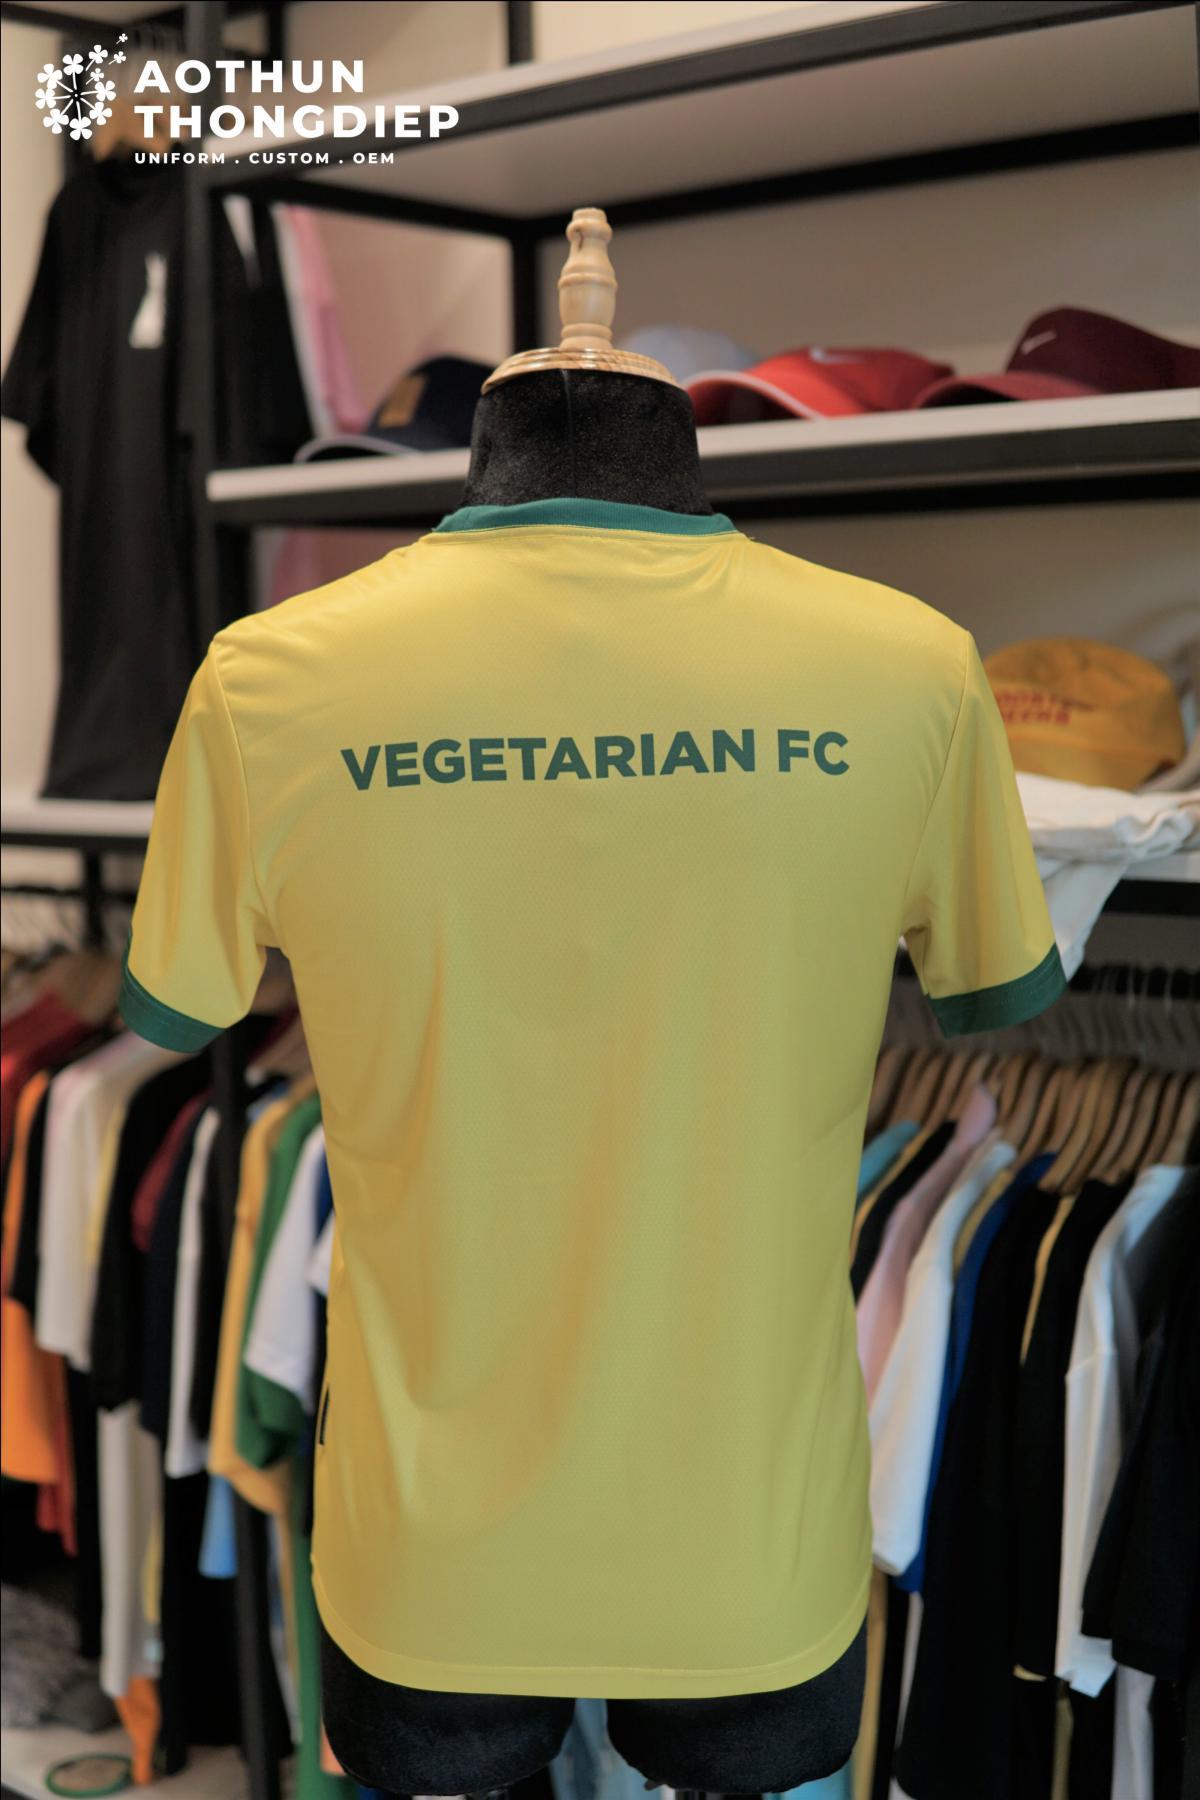 In áo thun đồng phục câu lạc bộ bóng đá Ăn chay FC #0